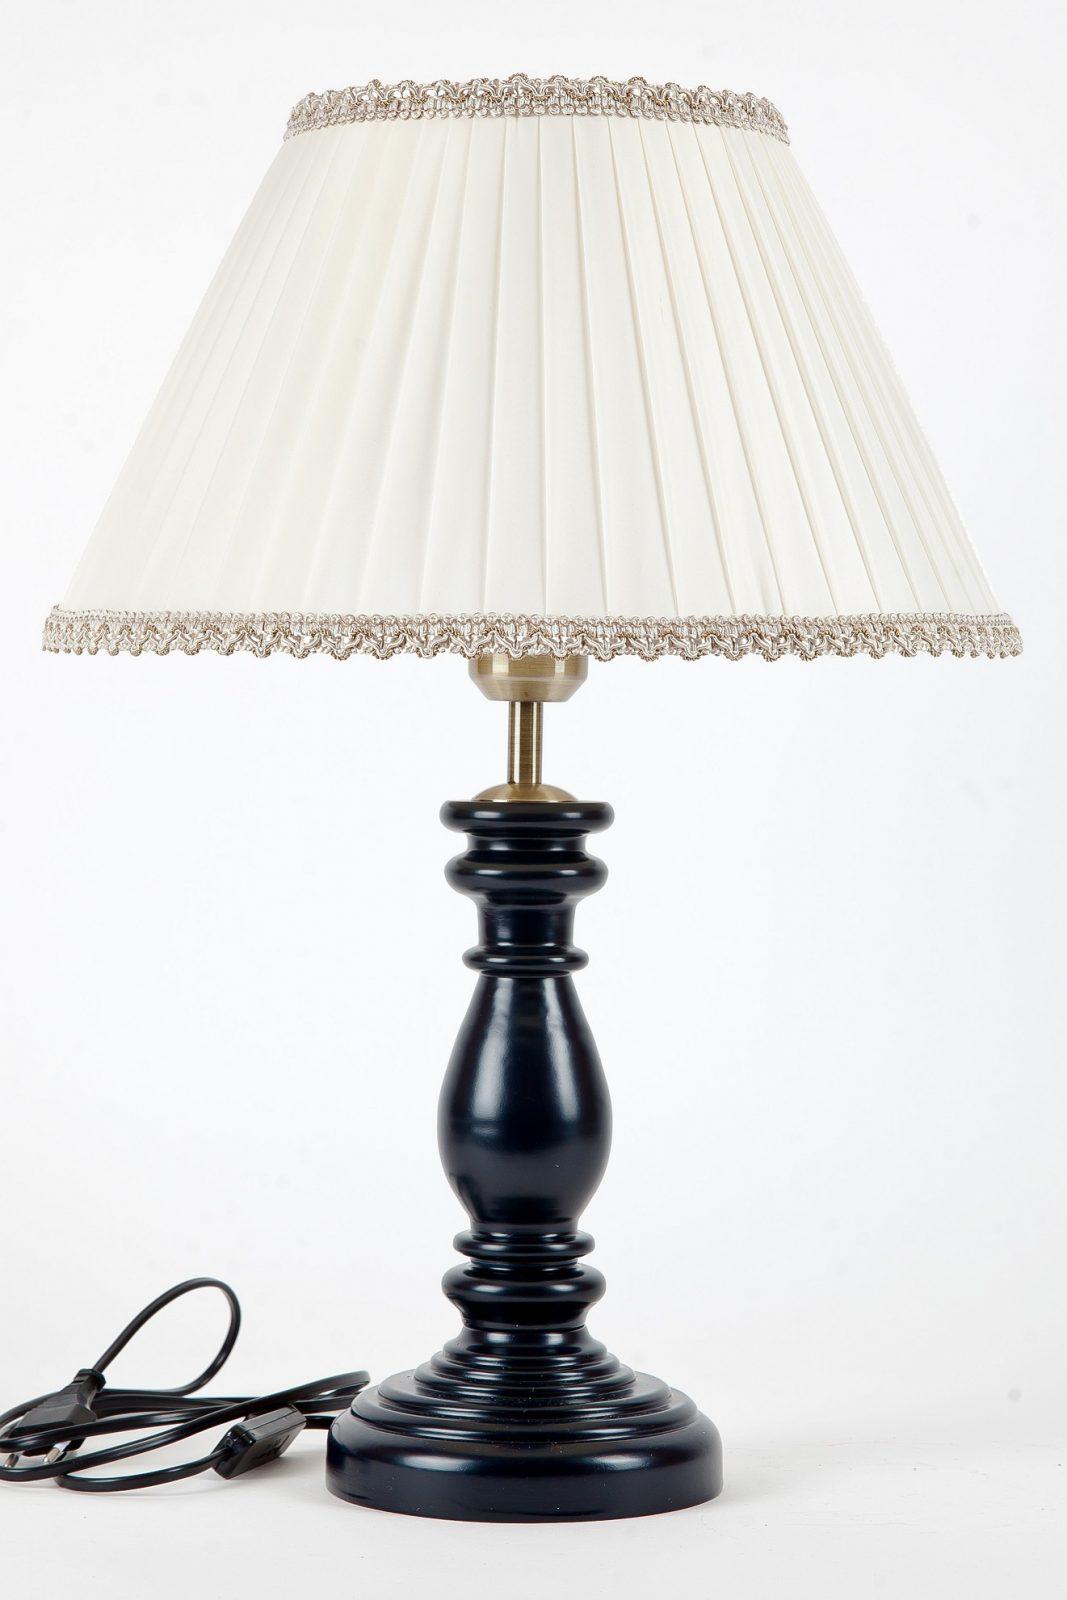 купить настольную лампу в воронеже